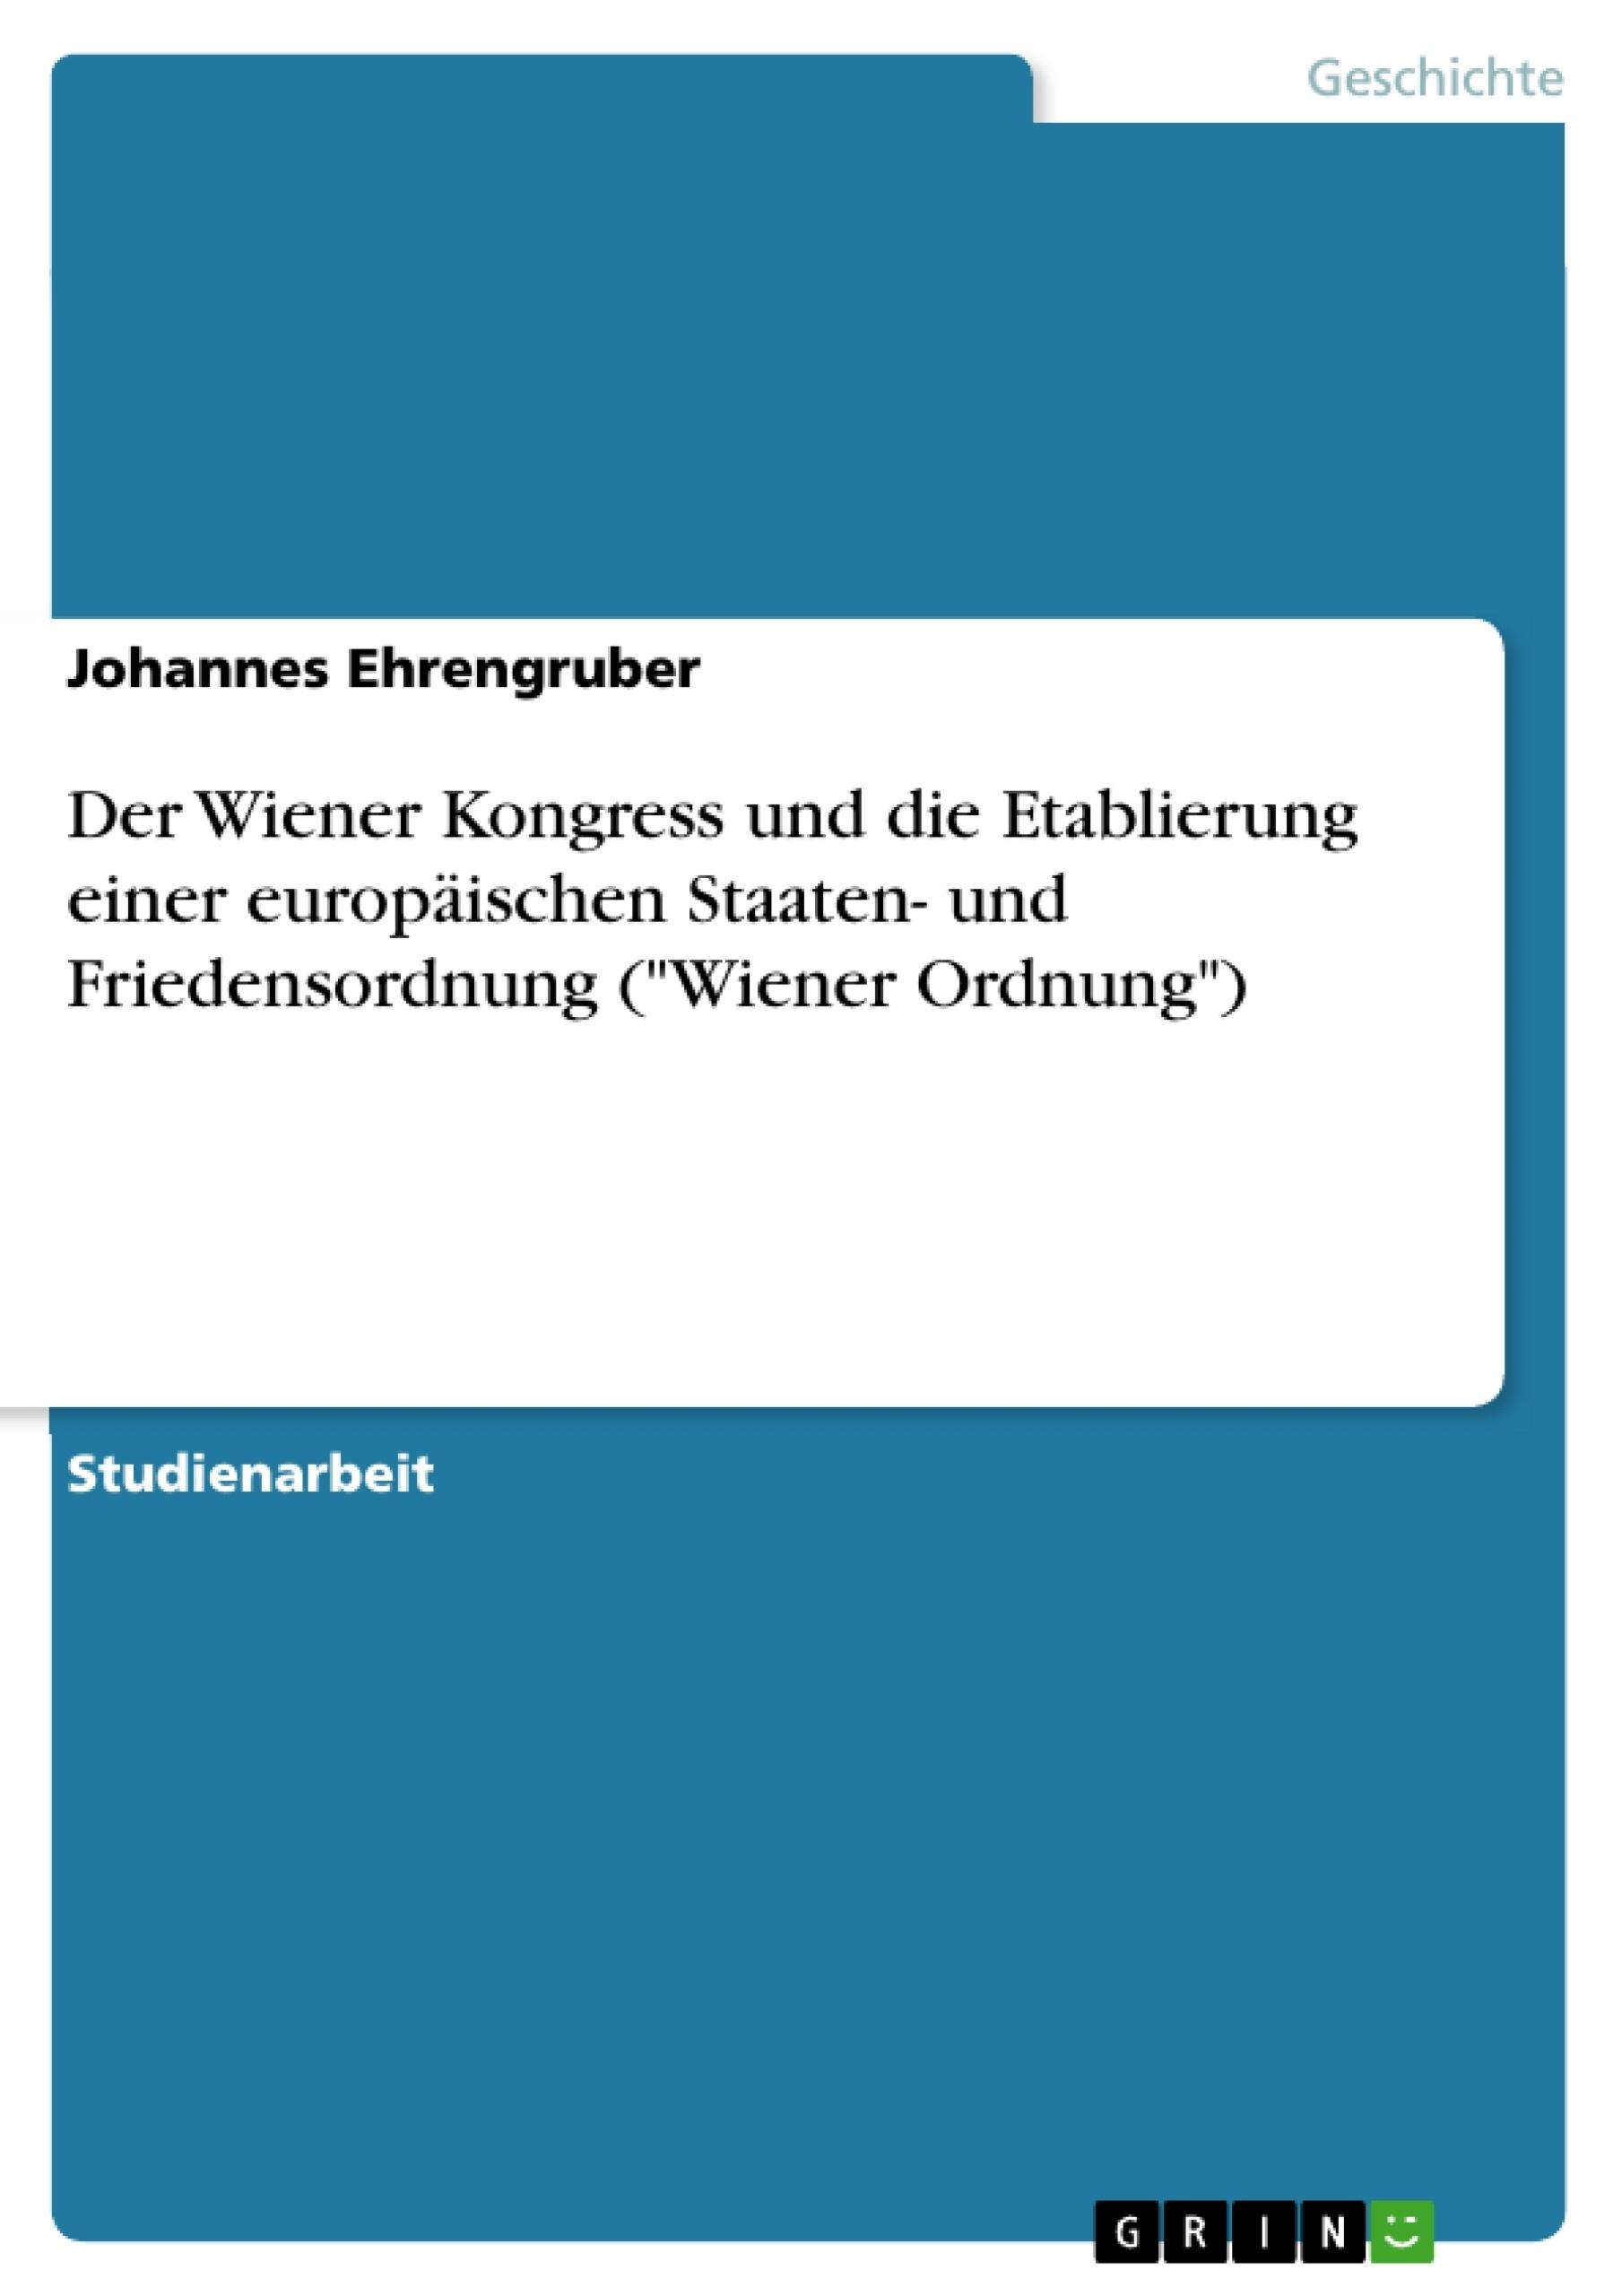 """Titel: Der Wiener Kongress und die Etablierung einer europäischen Staaten- und Friedensordnung (""""Wiener Ordnung"""")"""